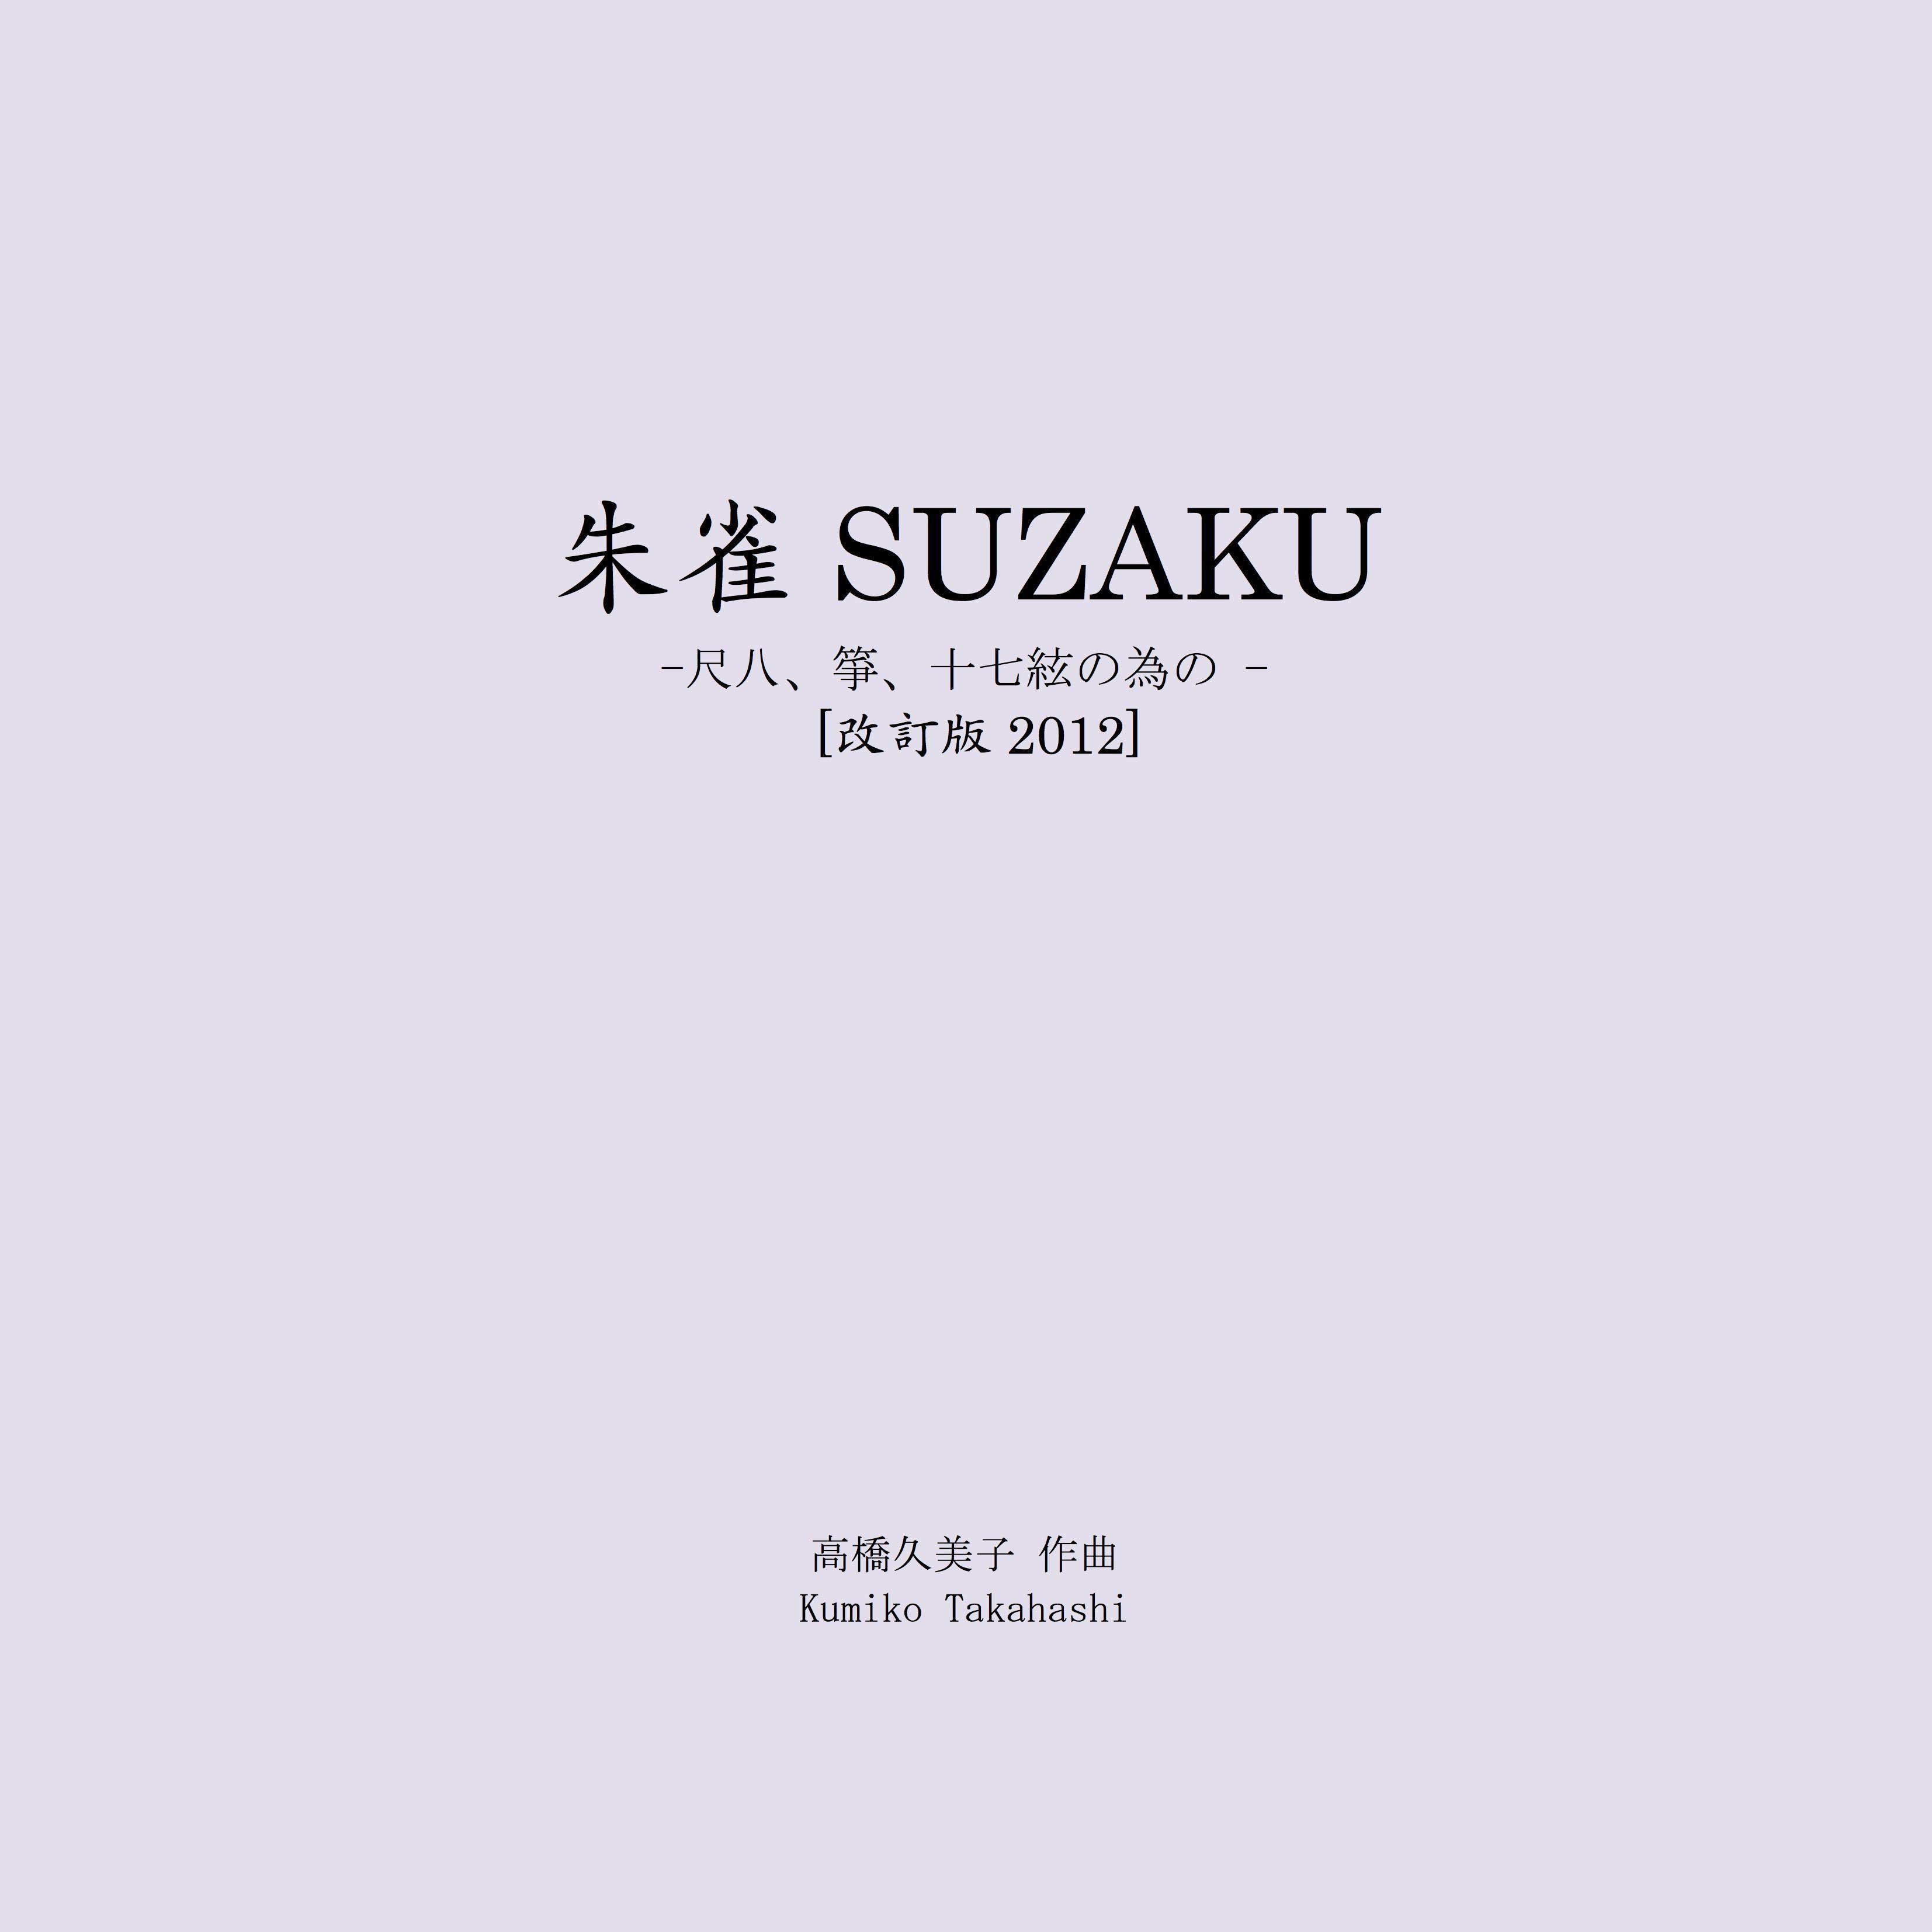 【楽譜 】朱雀 SUZAKU─尺八、箏、十七絃の為の(五線譜)A4判